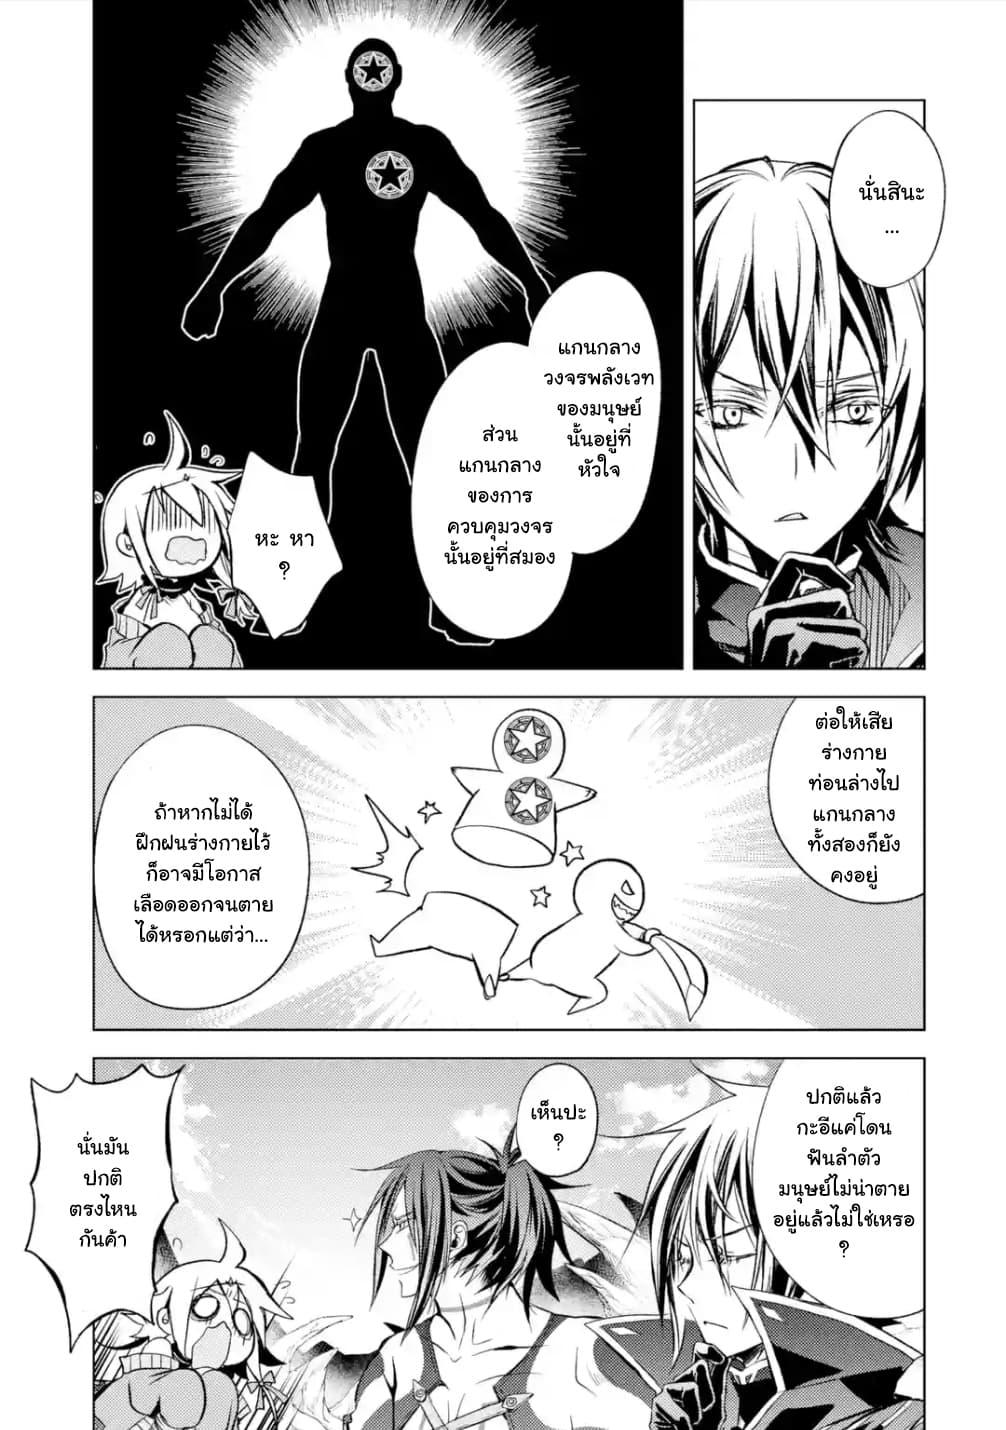 อ่านการ์ตูน Senmetsumadou no Saikyokenja ตอนที่ 4.2 หน้าที่ 11